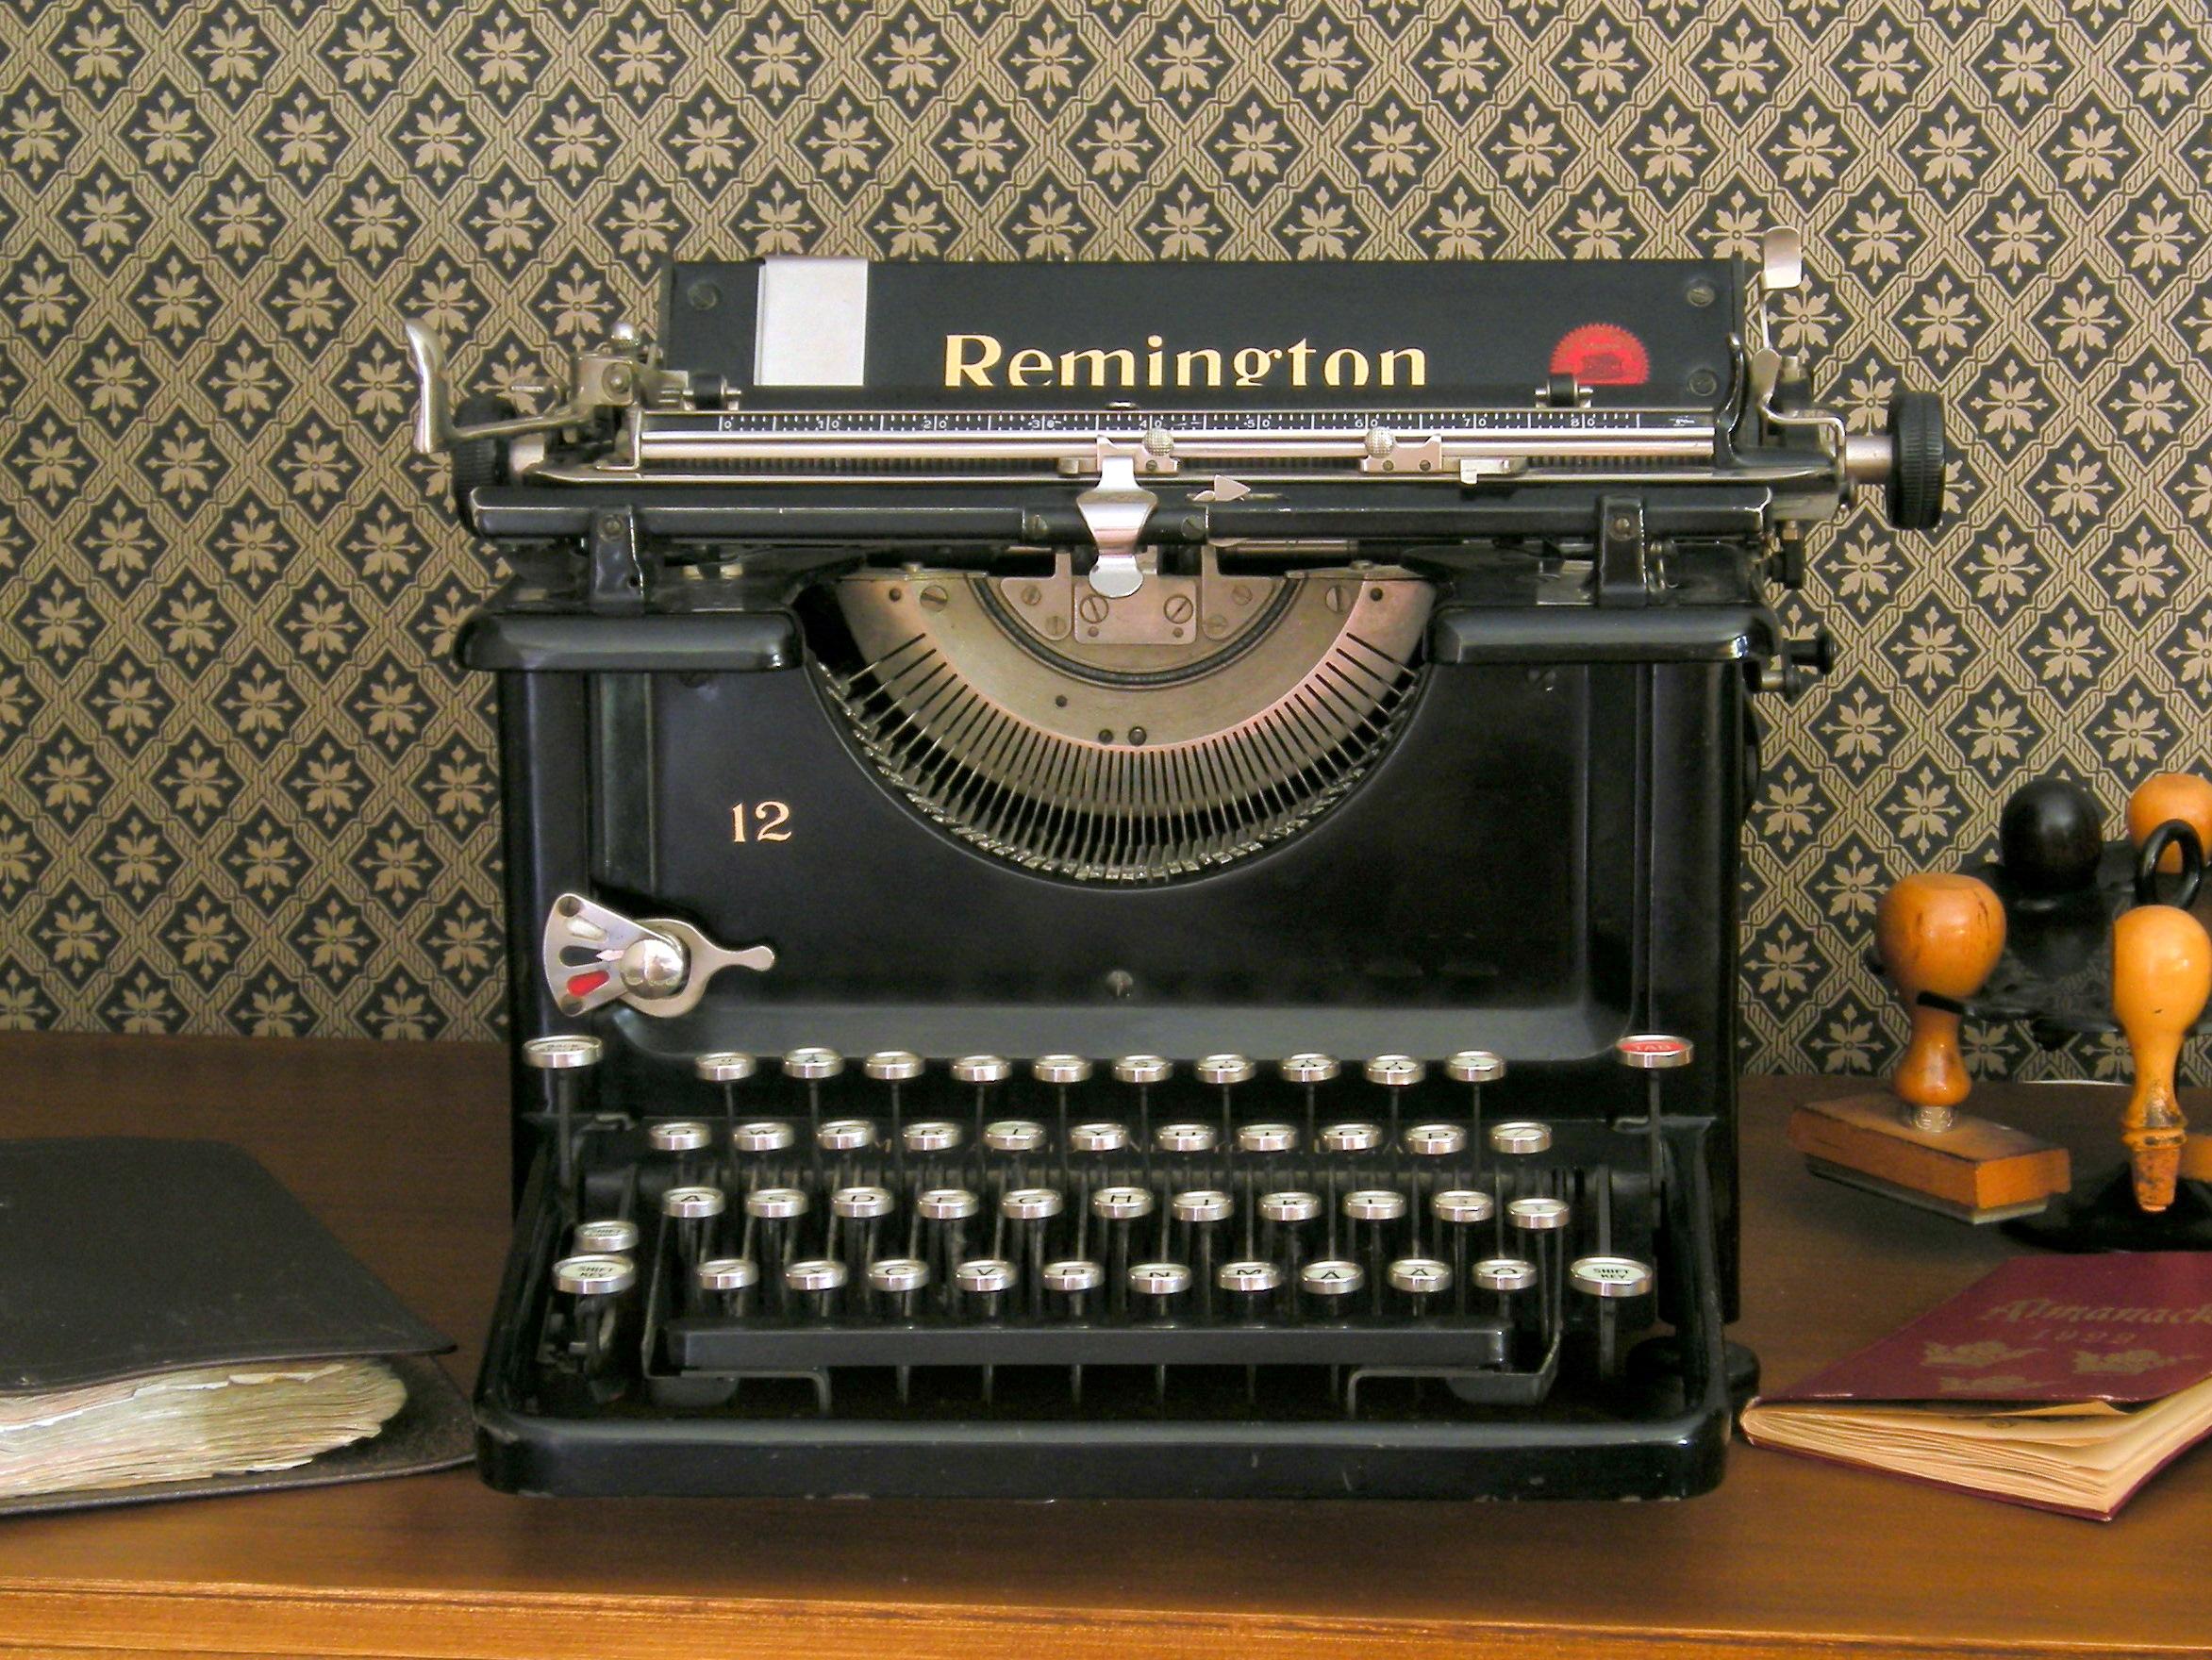 1968 Remington Standard Model 24 Manual Typewriter Beige Vintage Made in USA